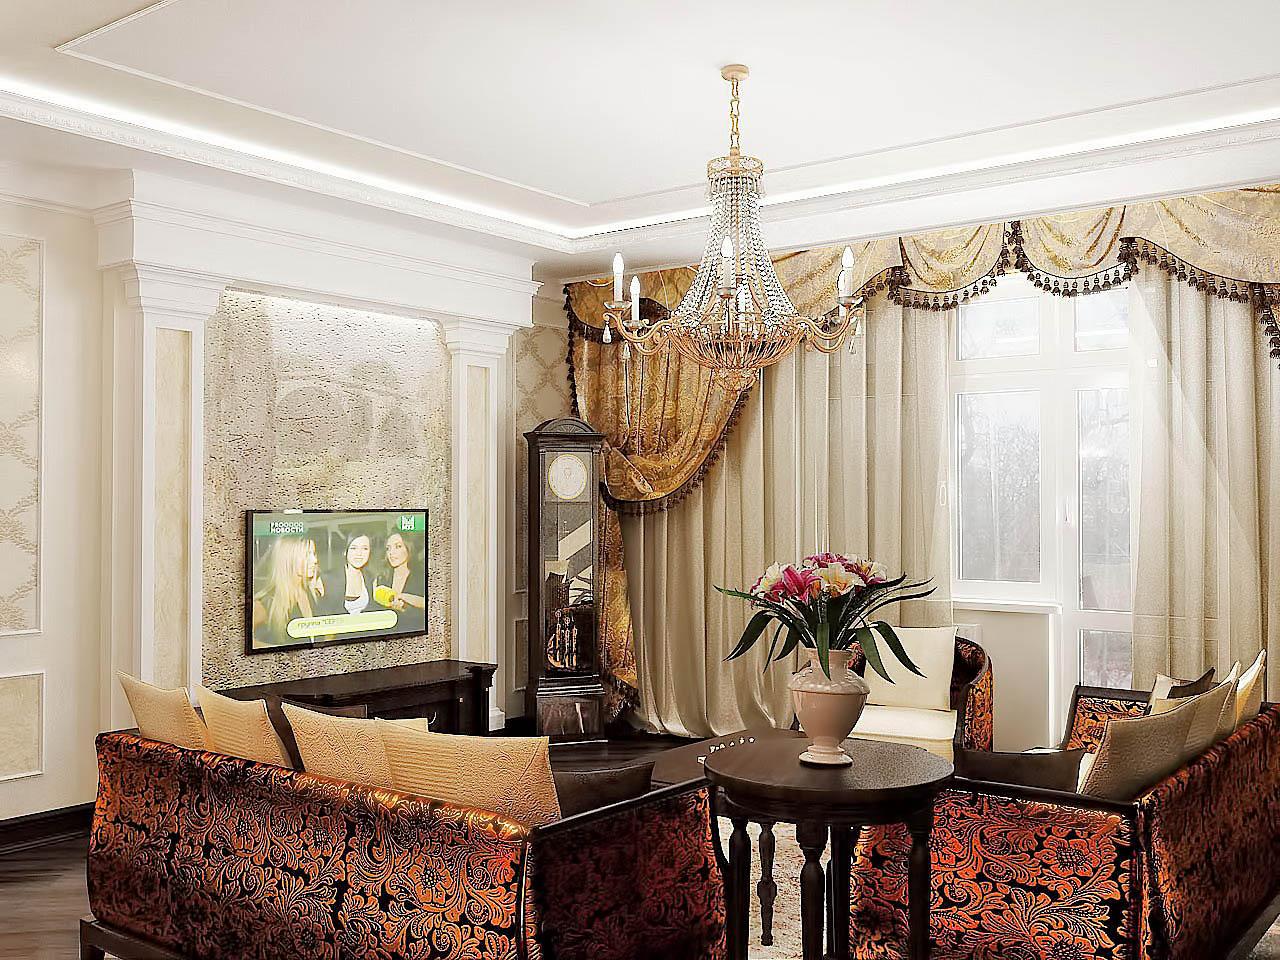 Дизайн интерьера гостиной классика киев фото телевизор роспись стен, фрески